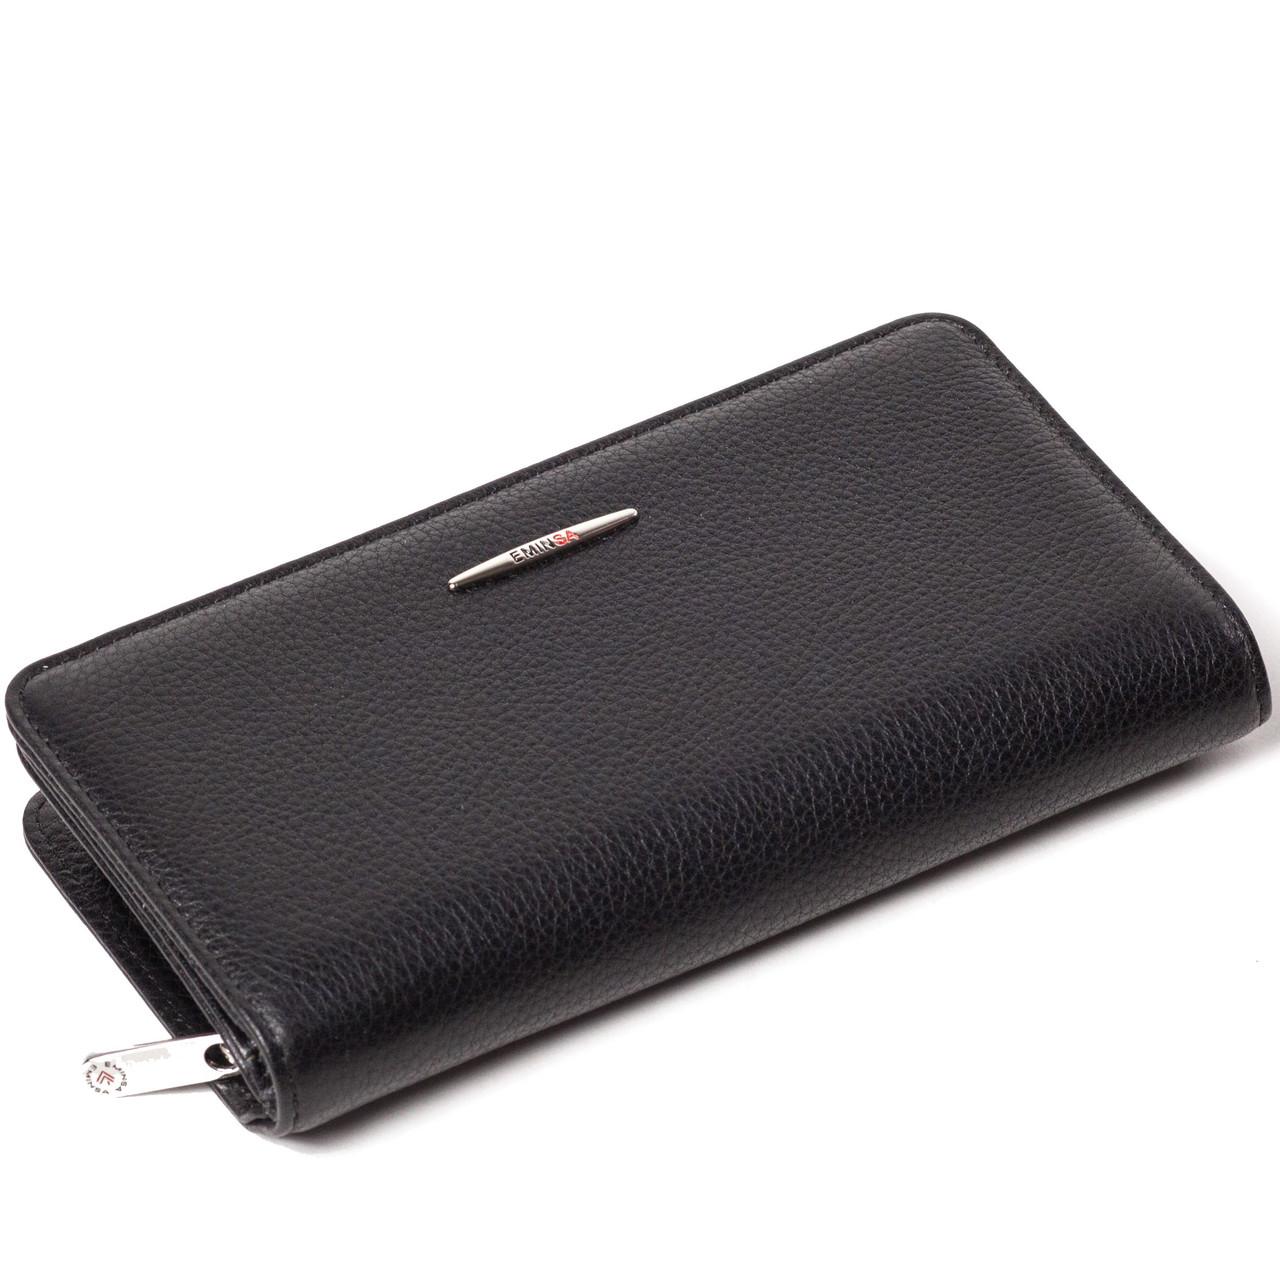 Женский кошелек кожаный черный Eminsa 2151-17-1